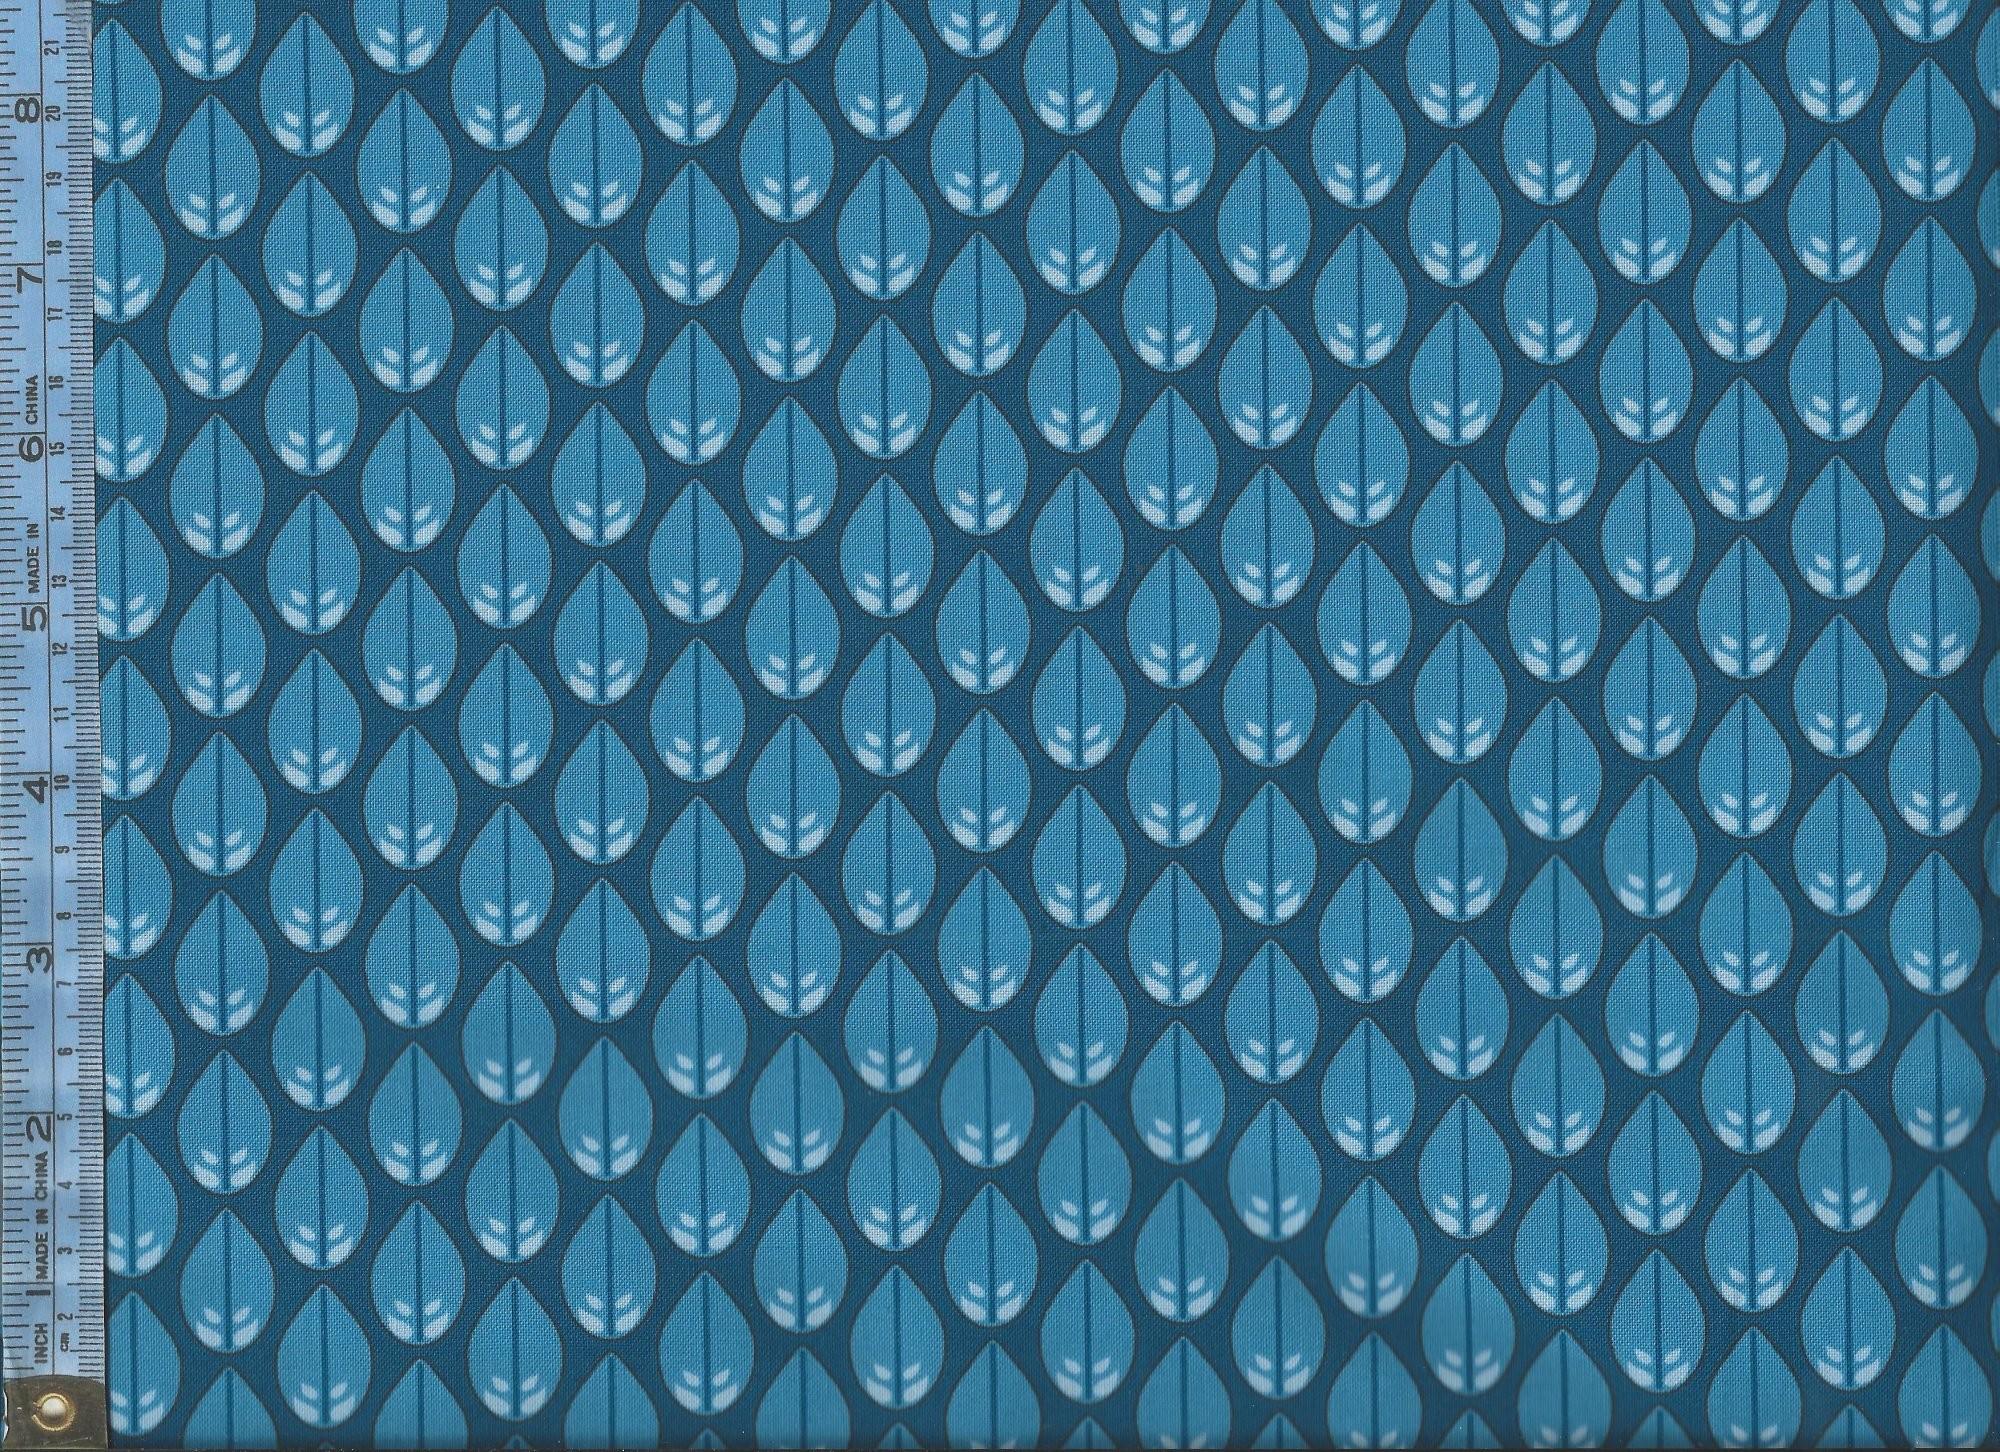 Cascade – blue leaf shapes on navy blue background